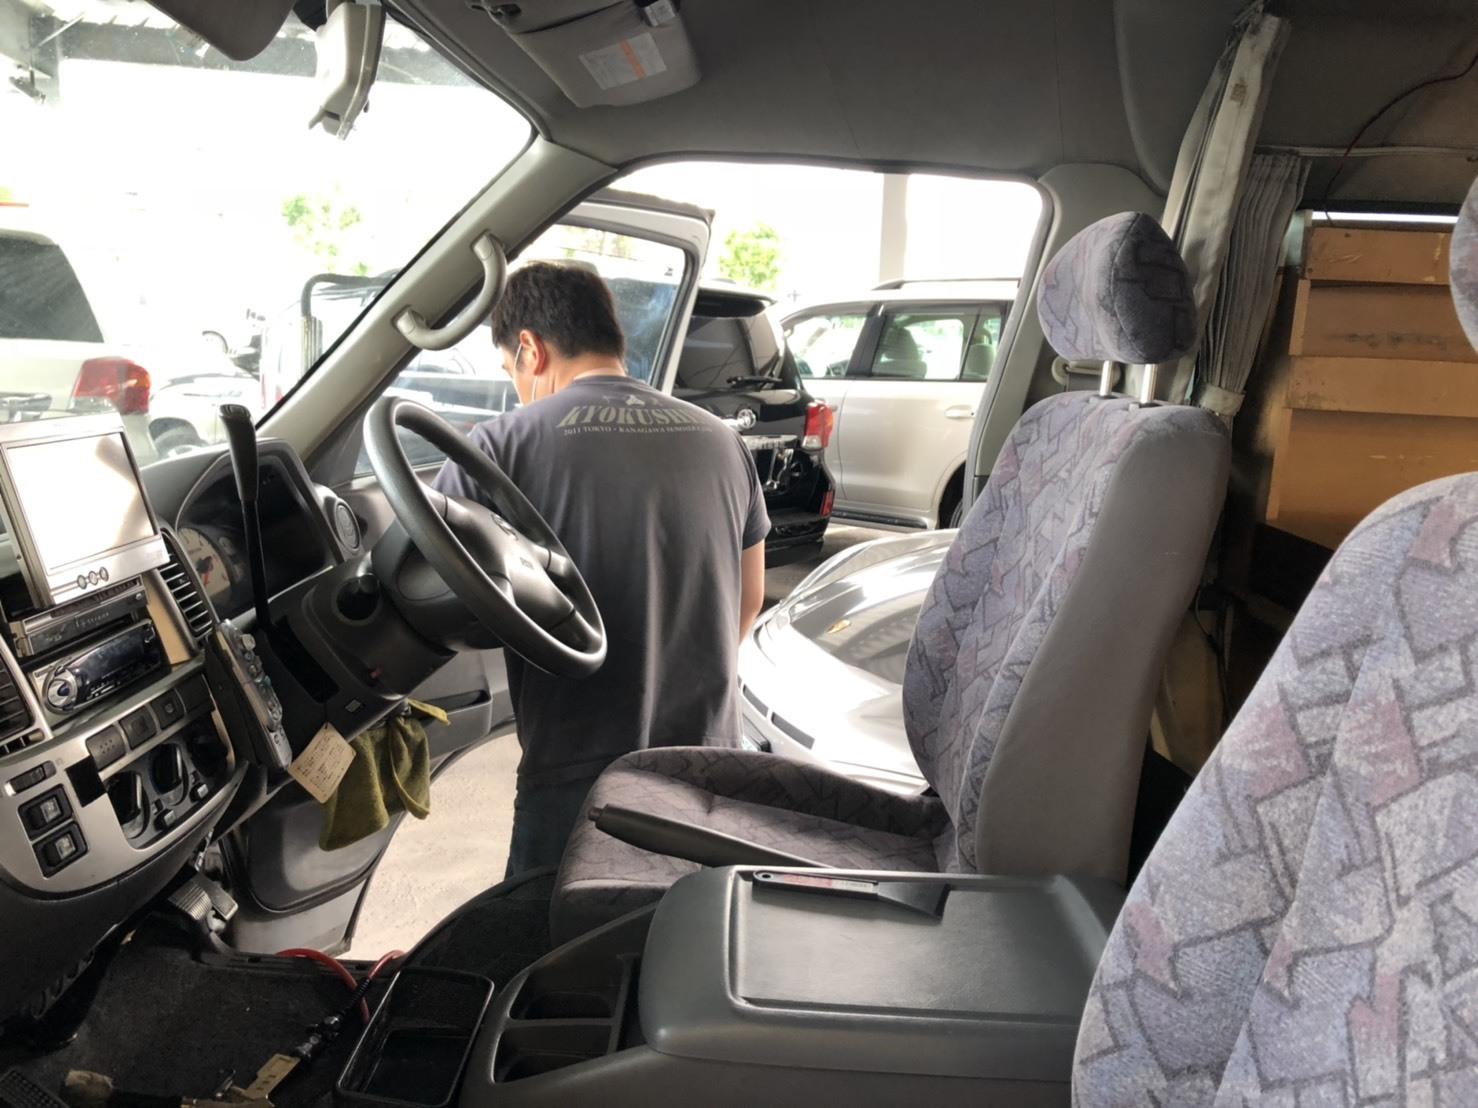 6/11 本店ブログ♪レクサス LX570 4WD☆ワンオーナー ありますよーーー ランクル ハマー キャンピングカー_b0127002_18184337.jpg